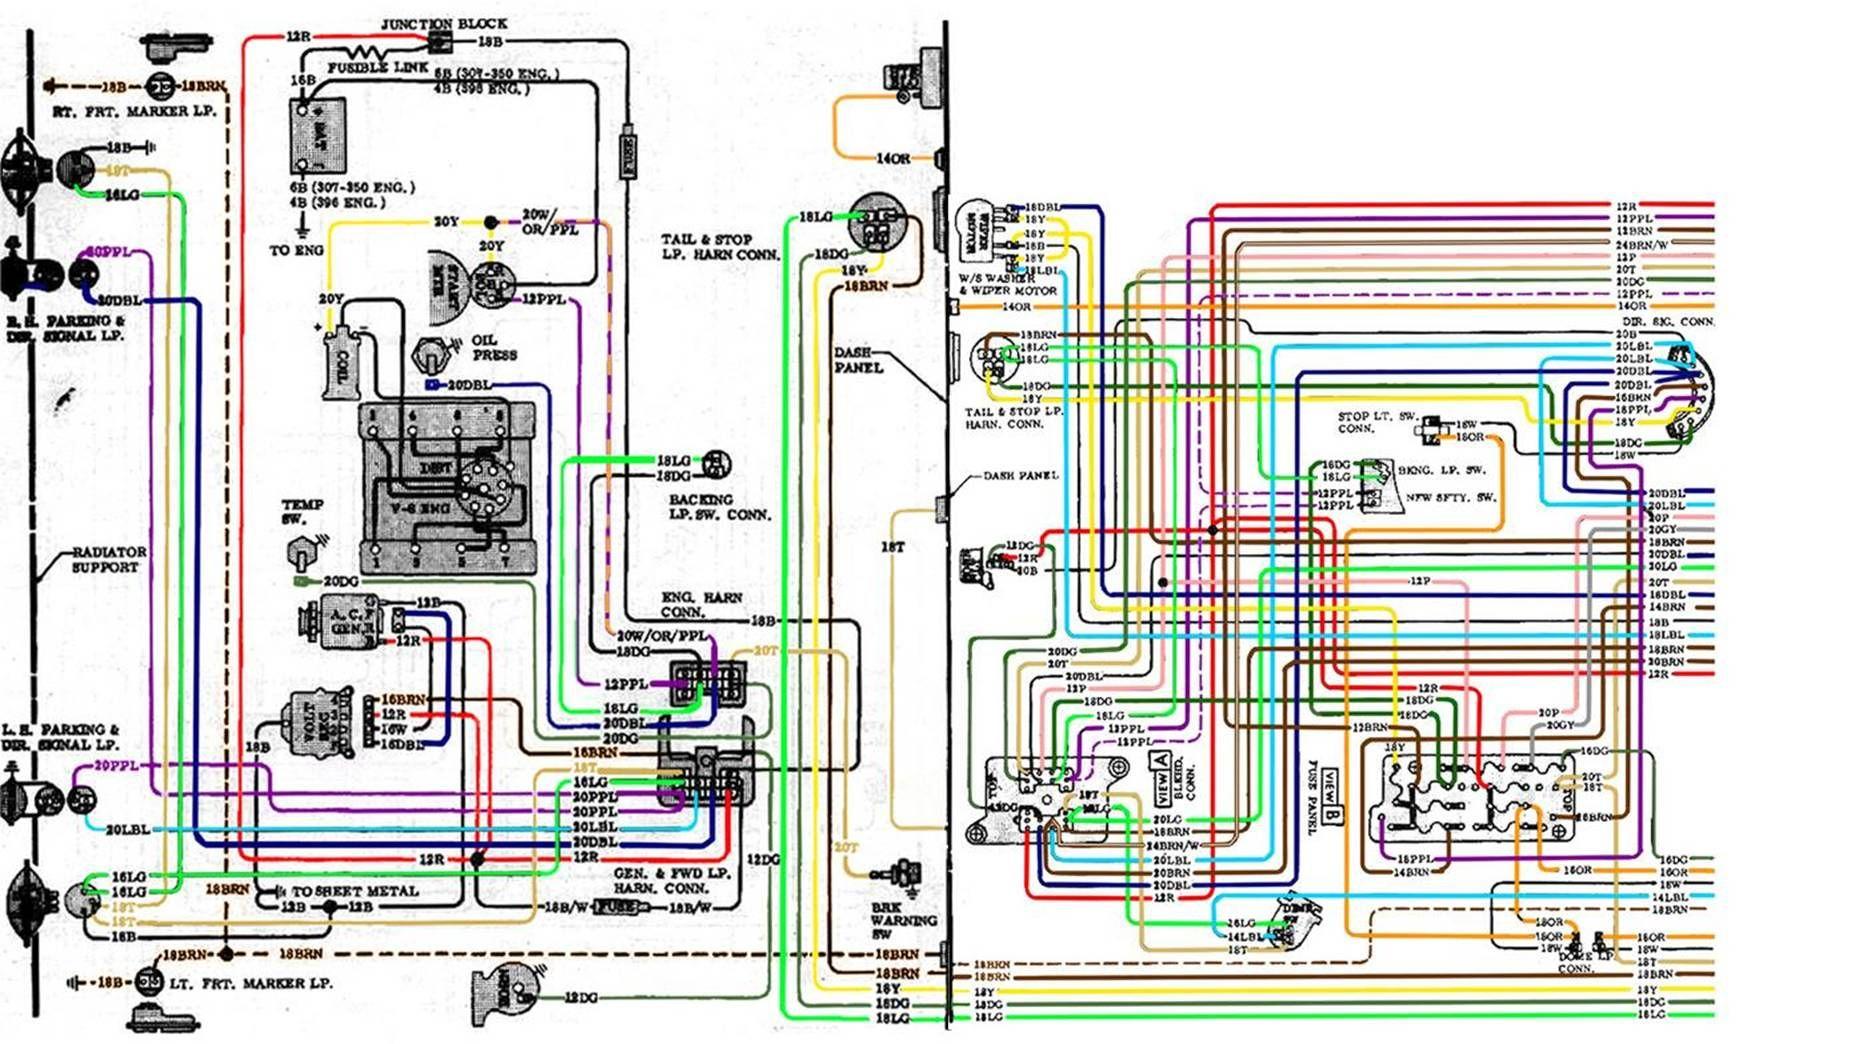 67 chevelle wiring schematic